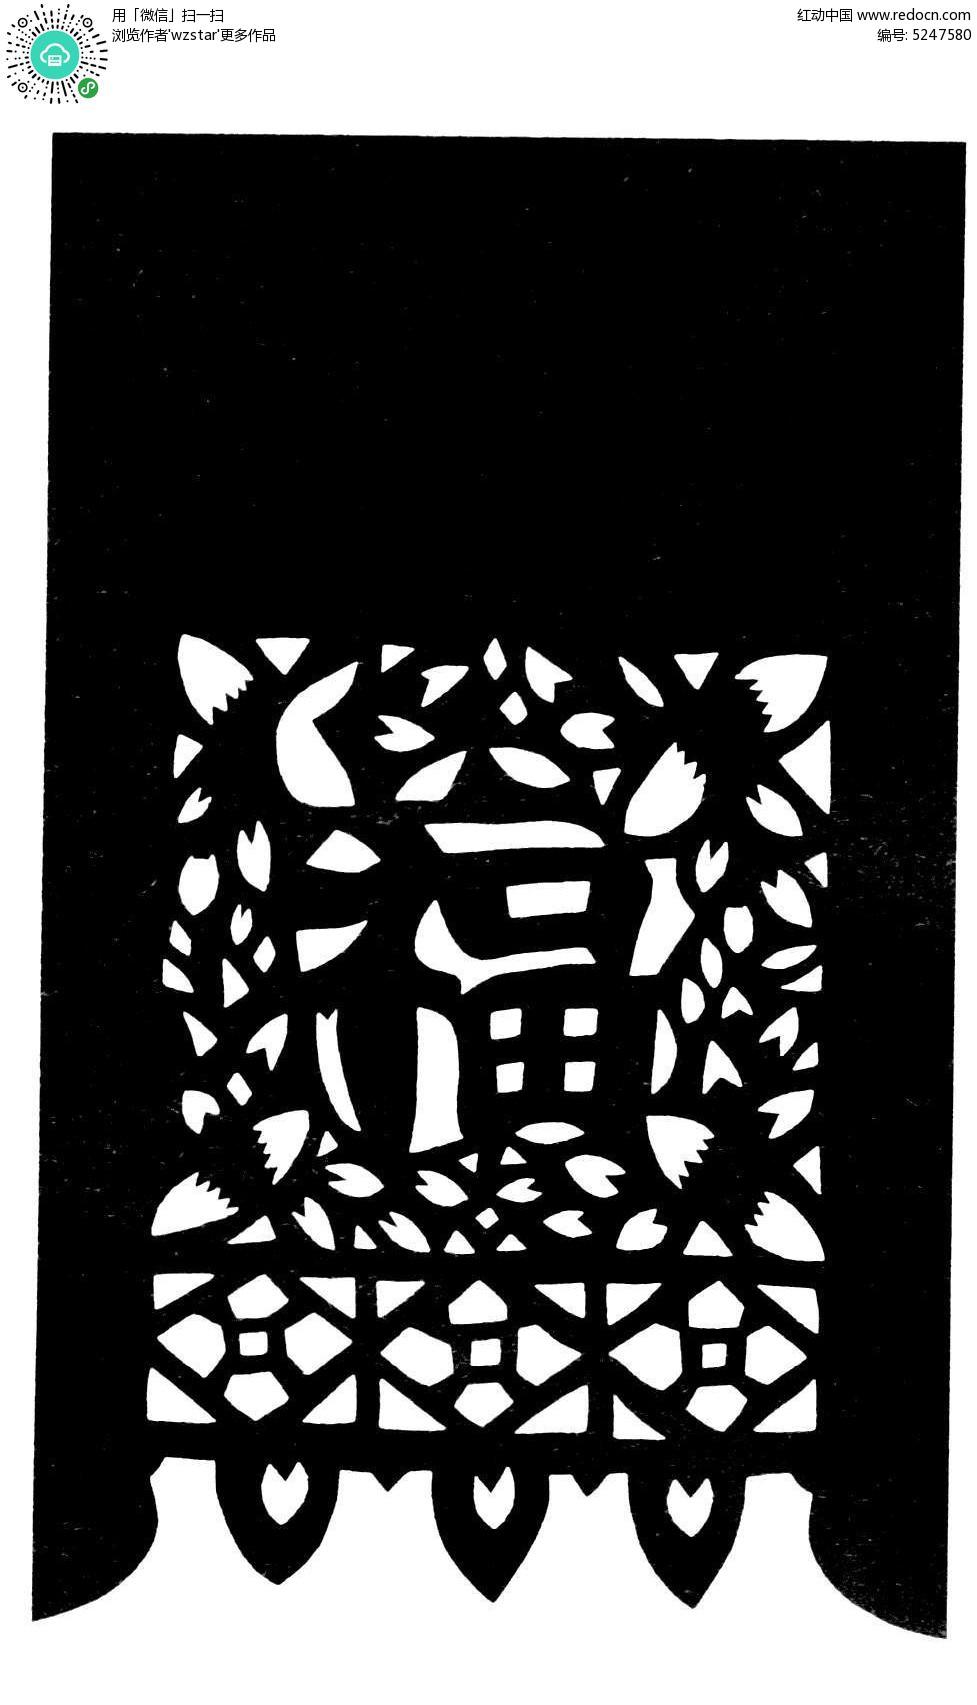 福字花格窗花黑白剪纸图